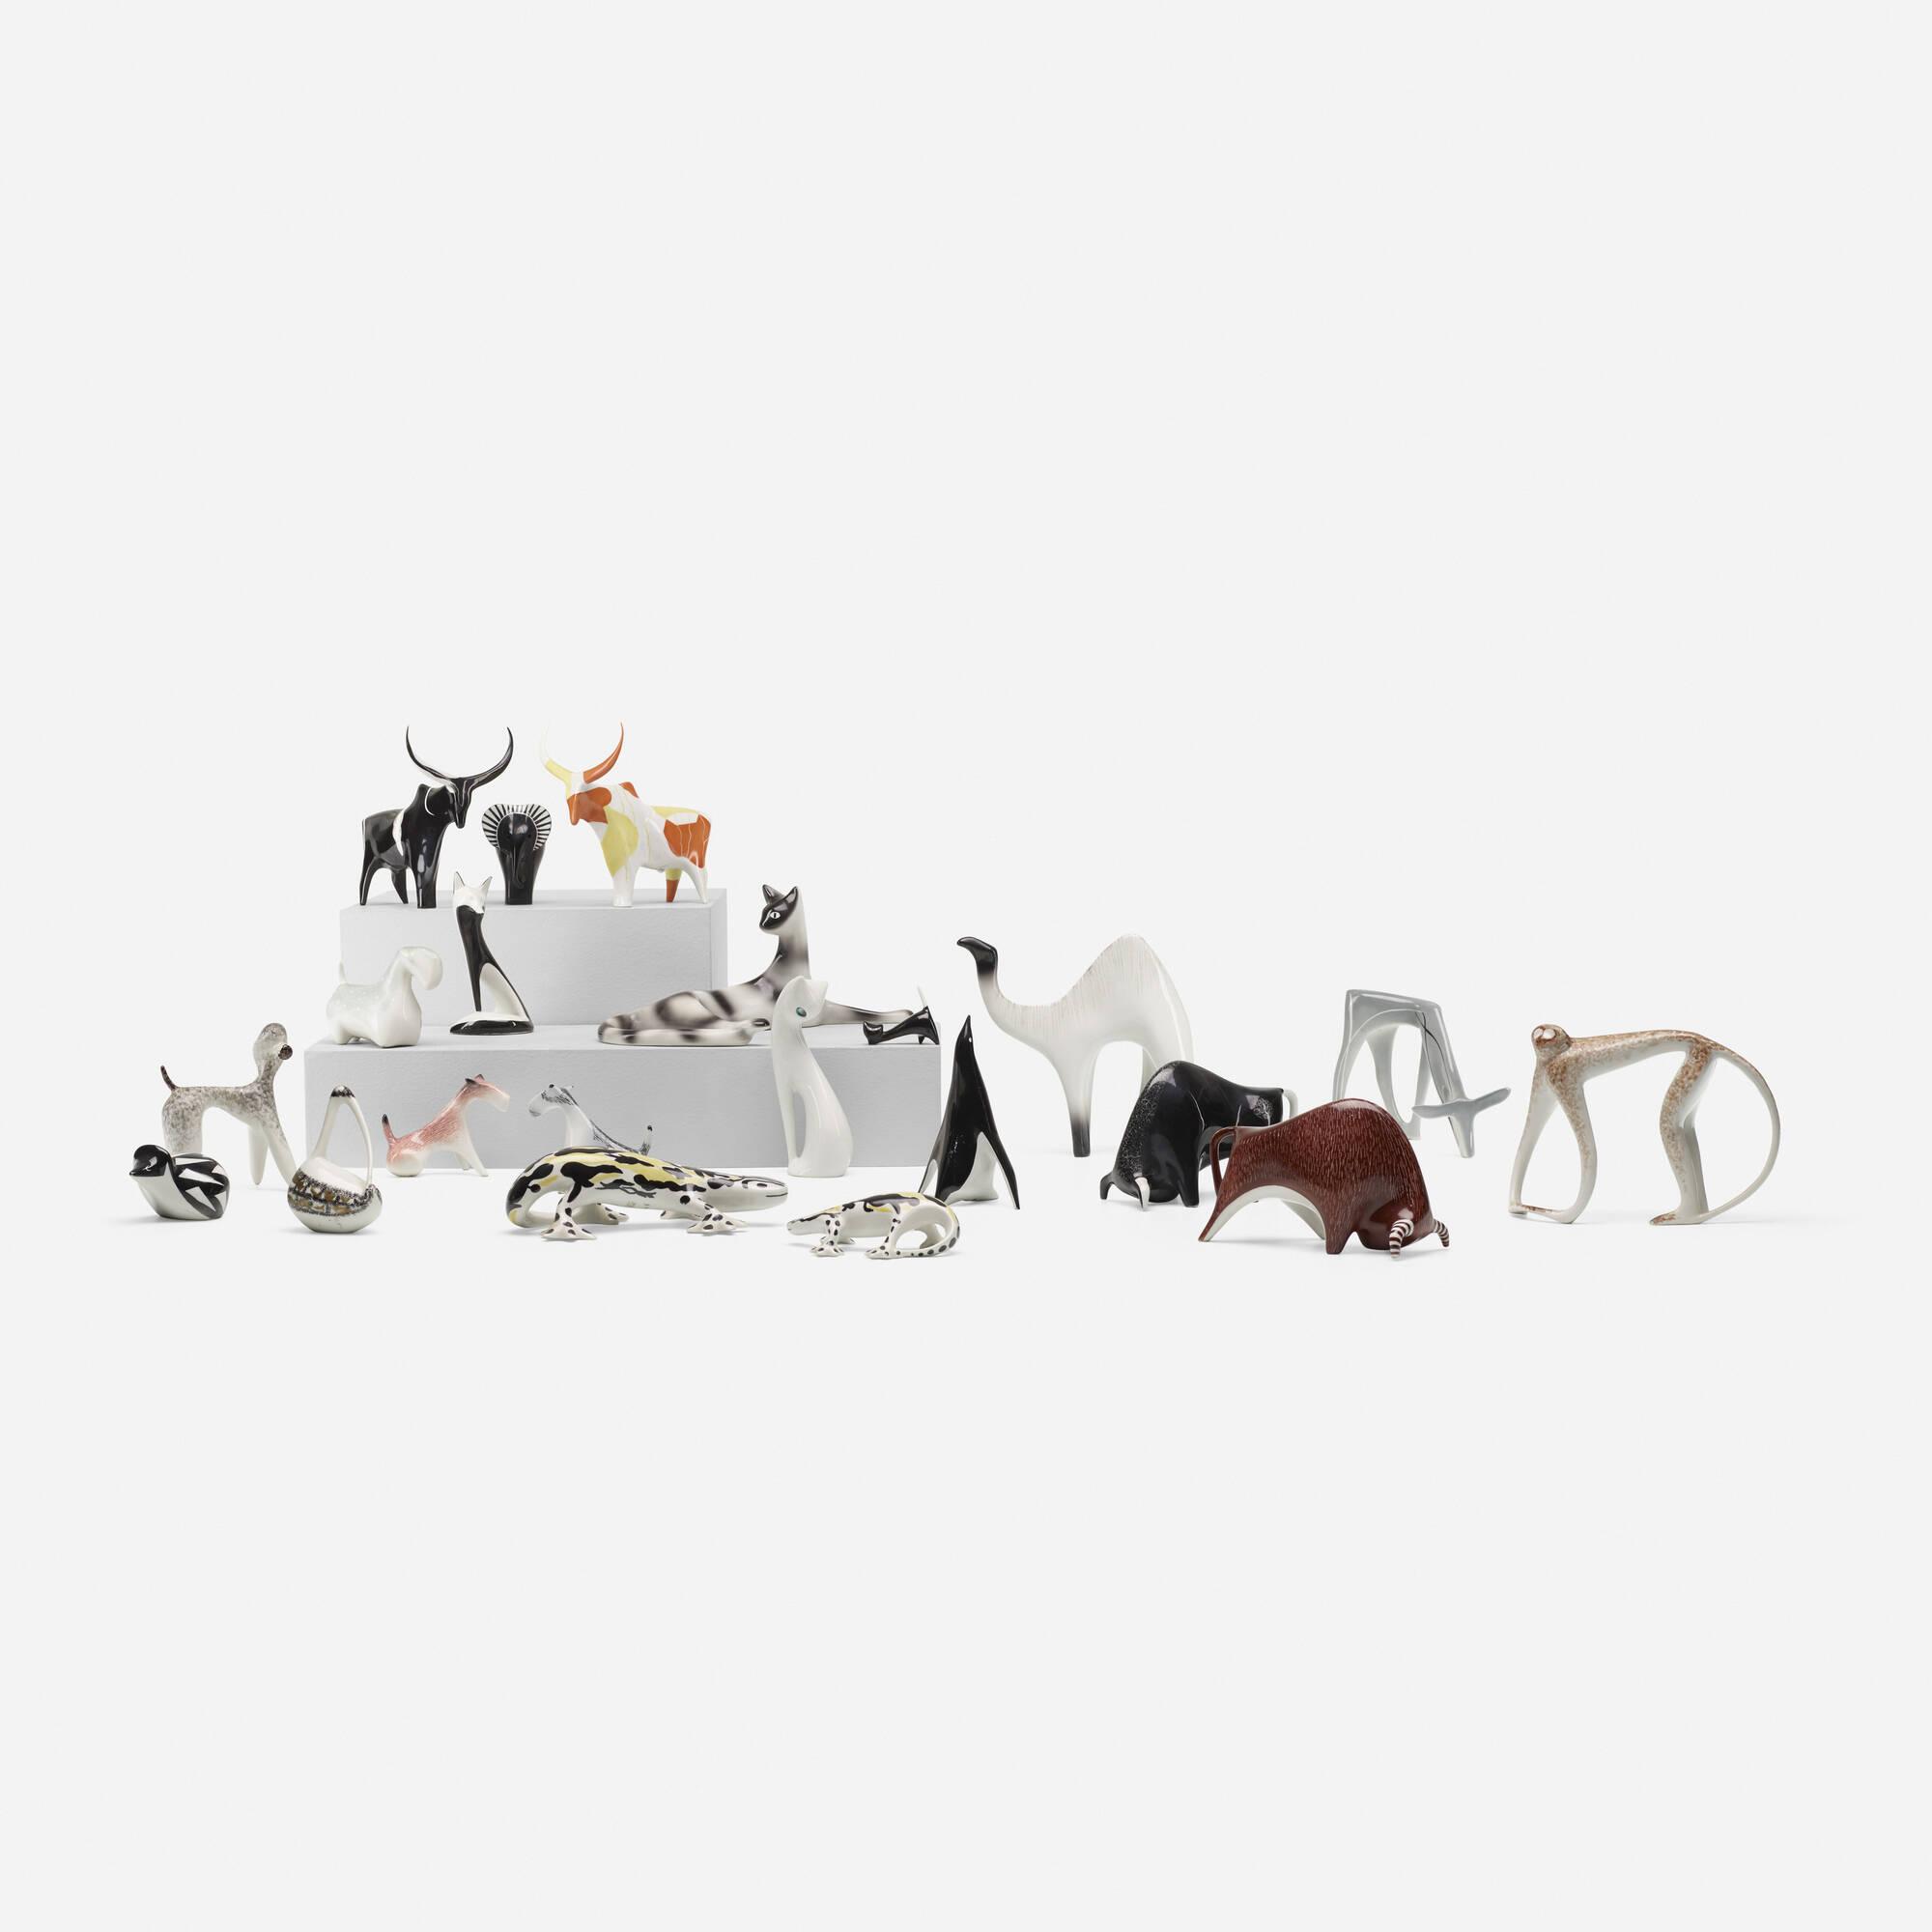 203: Mieczyslaw Naruszewicz / collection of twenty-one animal figurines (1 of 4)